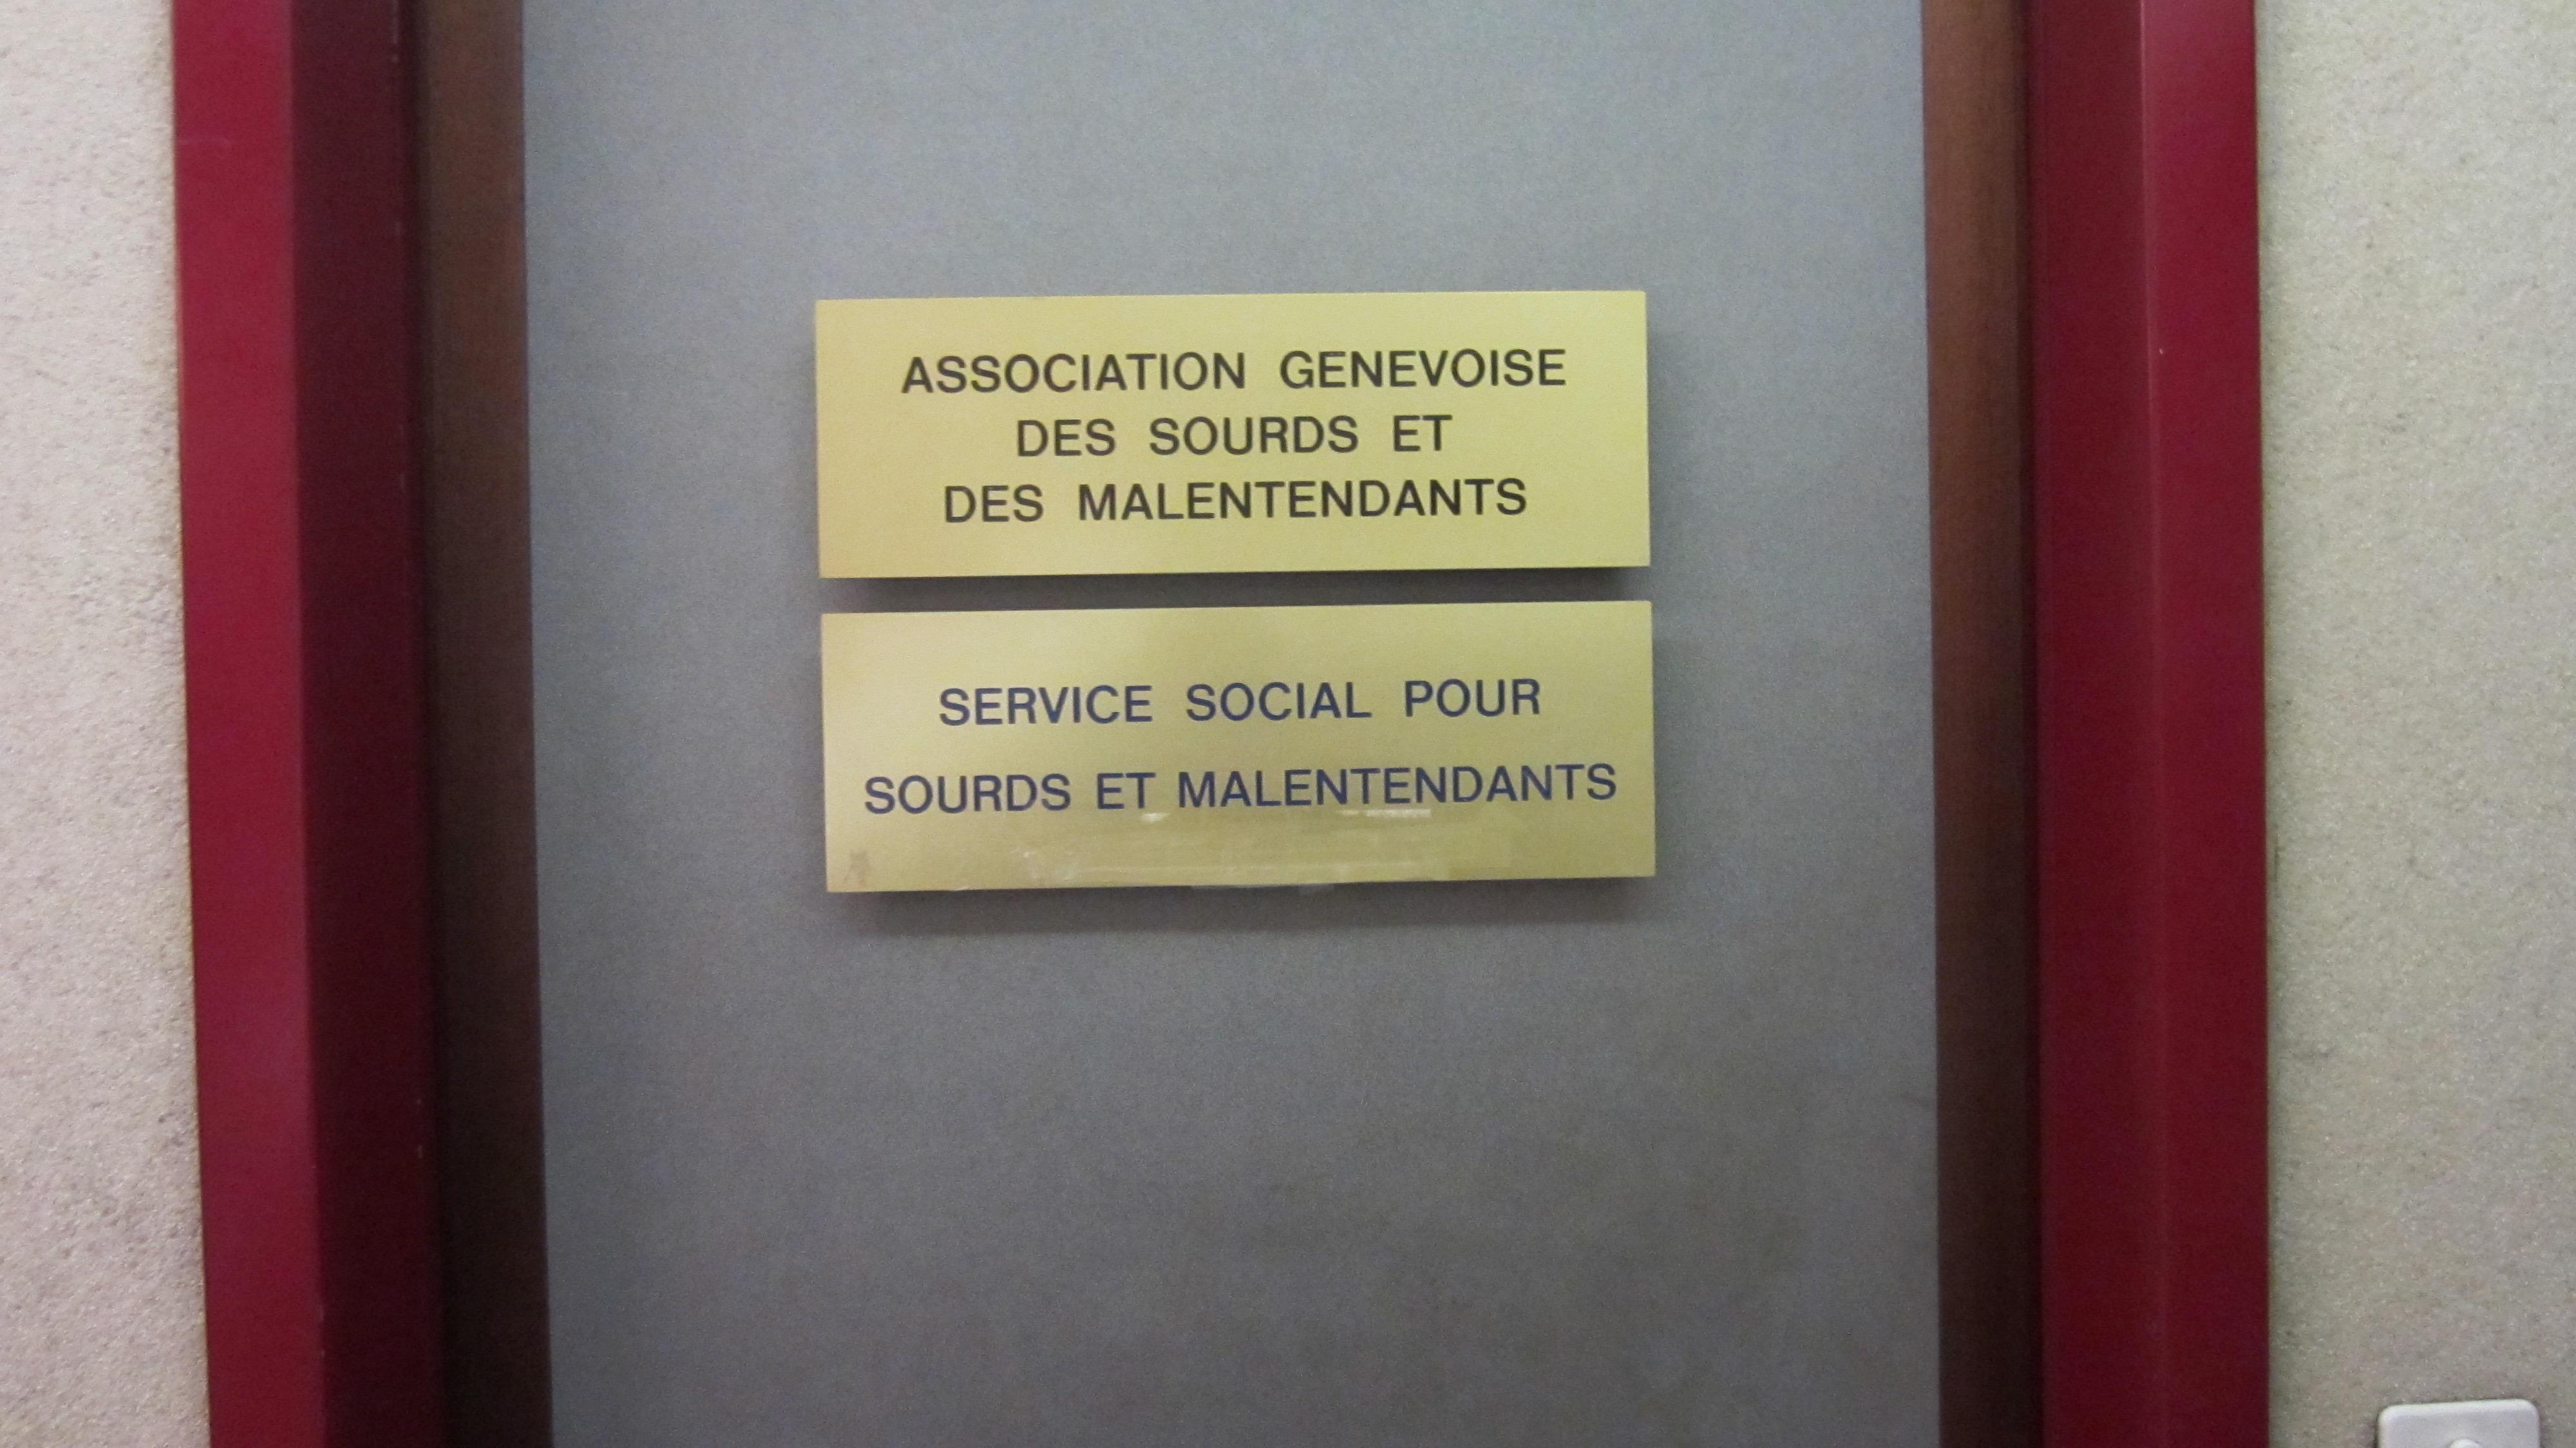 Service social pour sourds – AGM